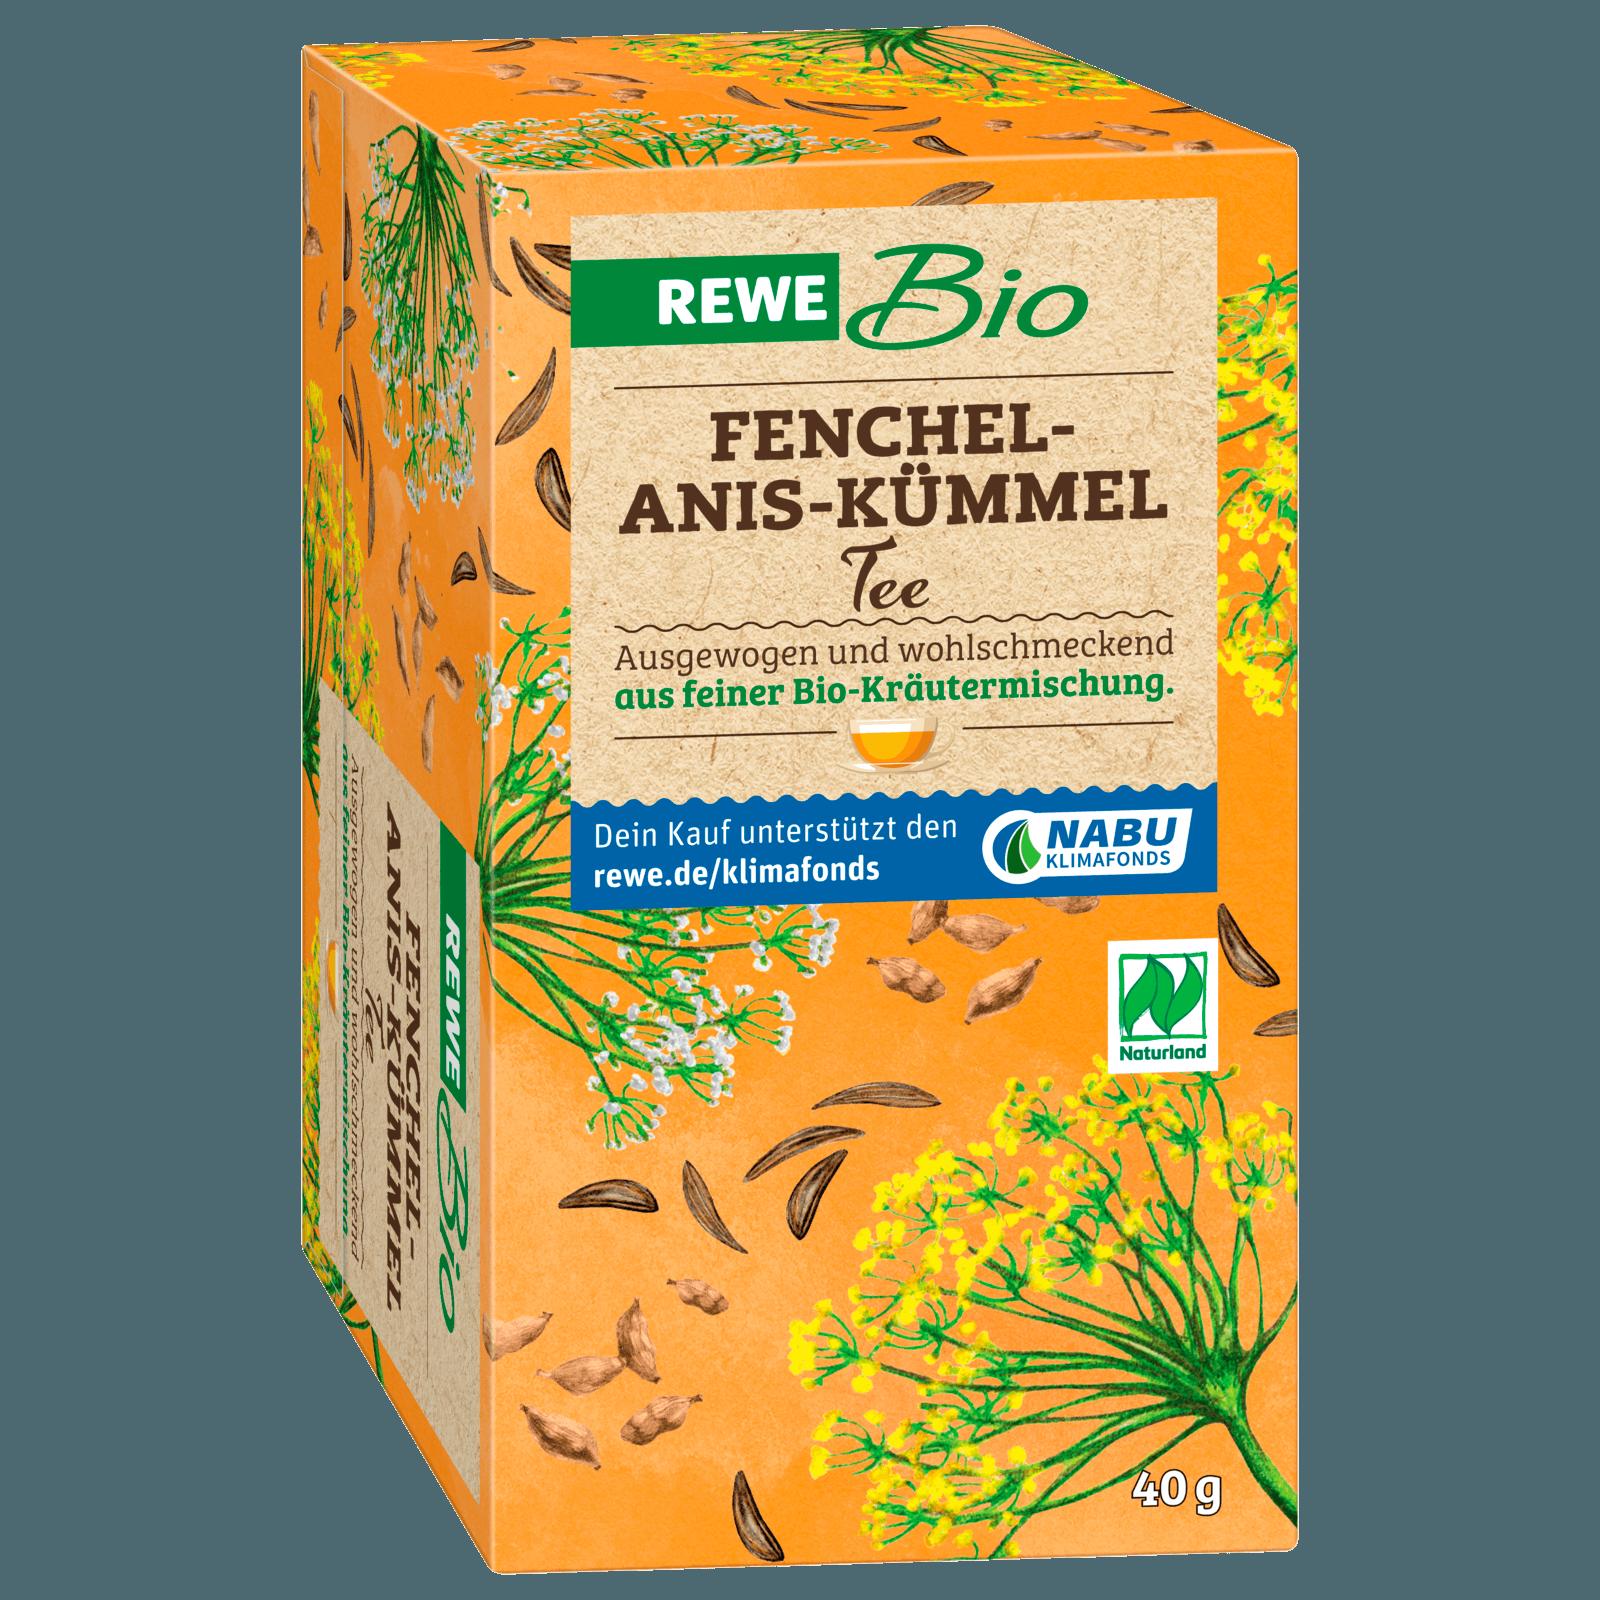 Rewe Bio Fenchel Anis Kummel Tee 40g Bei Rewe Online Bestellen